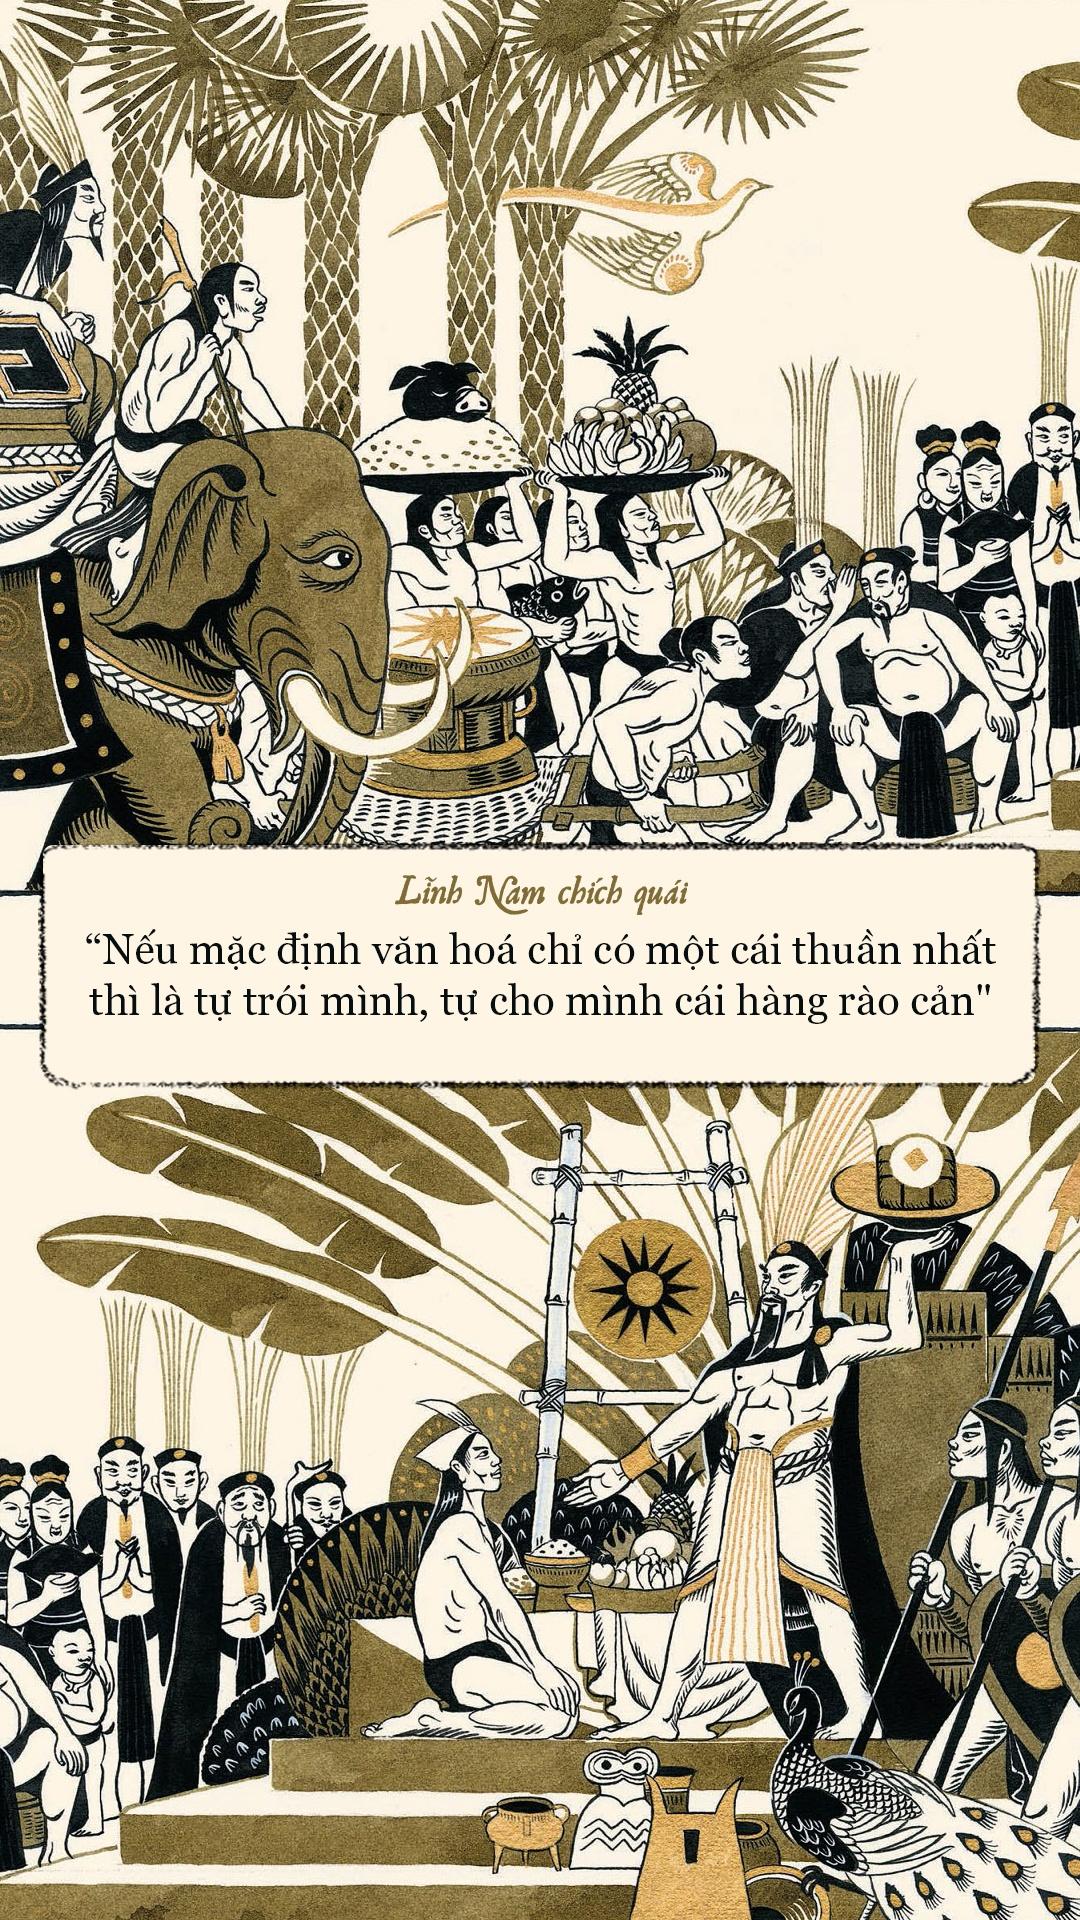 'Linh Nam chich quai' - huyen thoai, huyen su ke bang tranh hinh anh 13